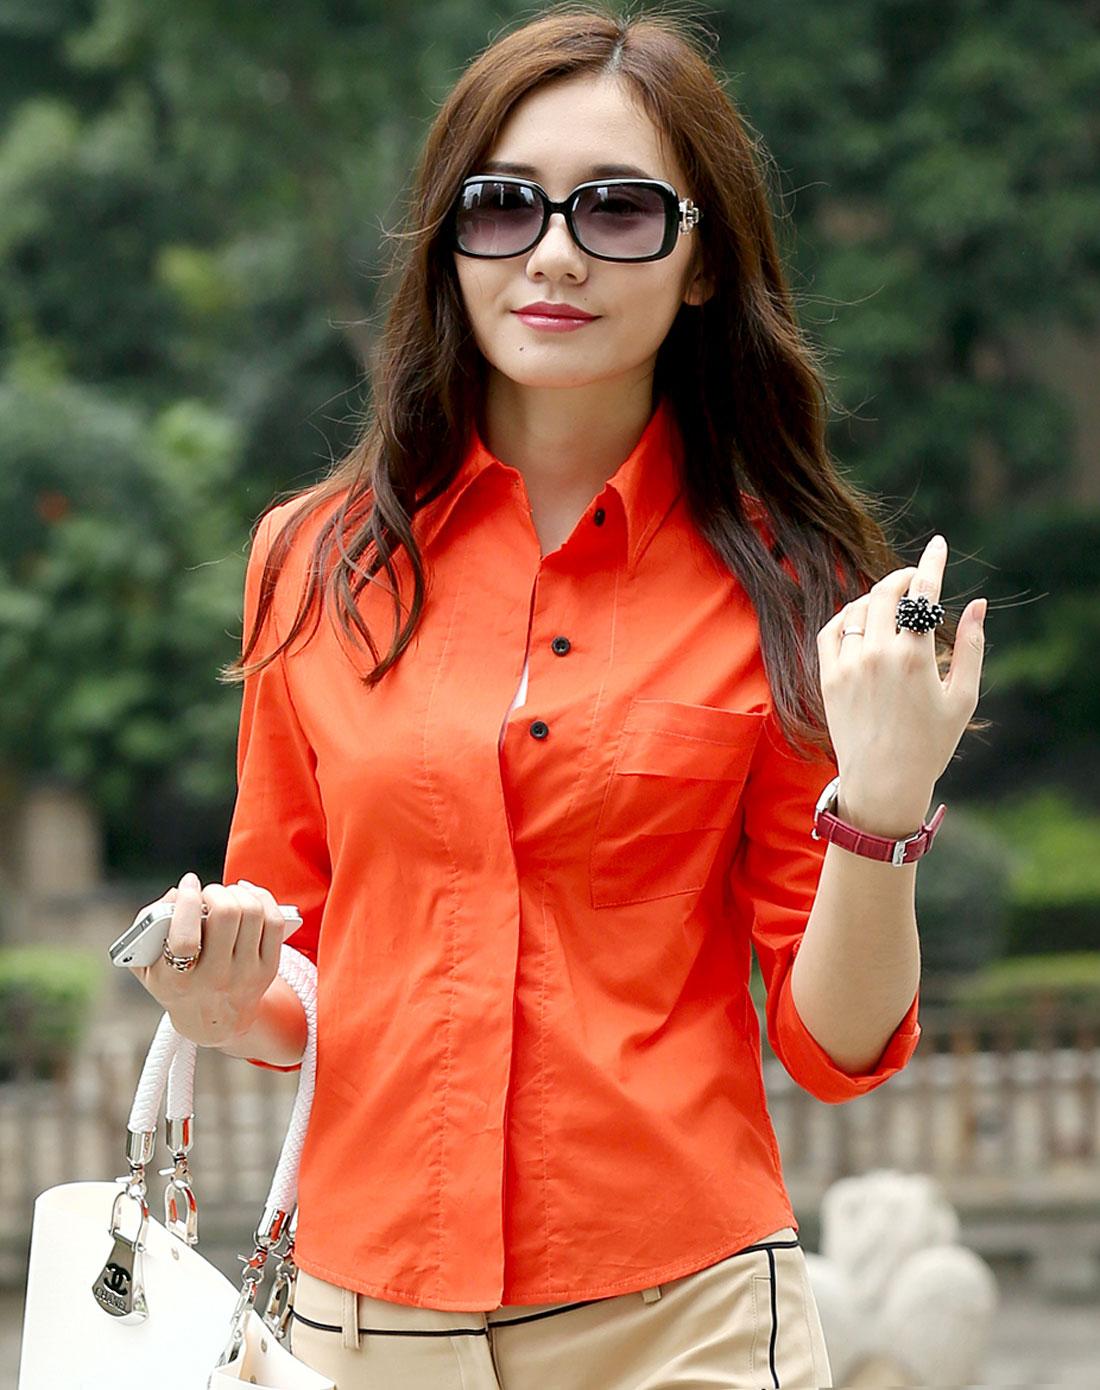 简时尚品justyle_简时尚品justyle女装专场-橘红色简约长袖衬衫